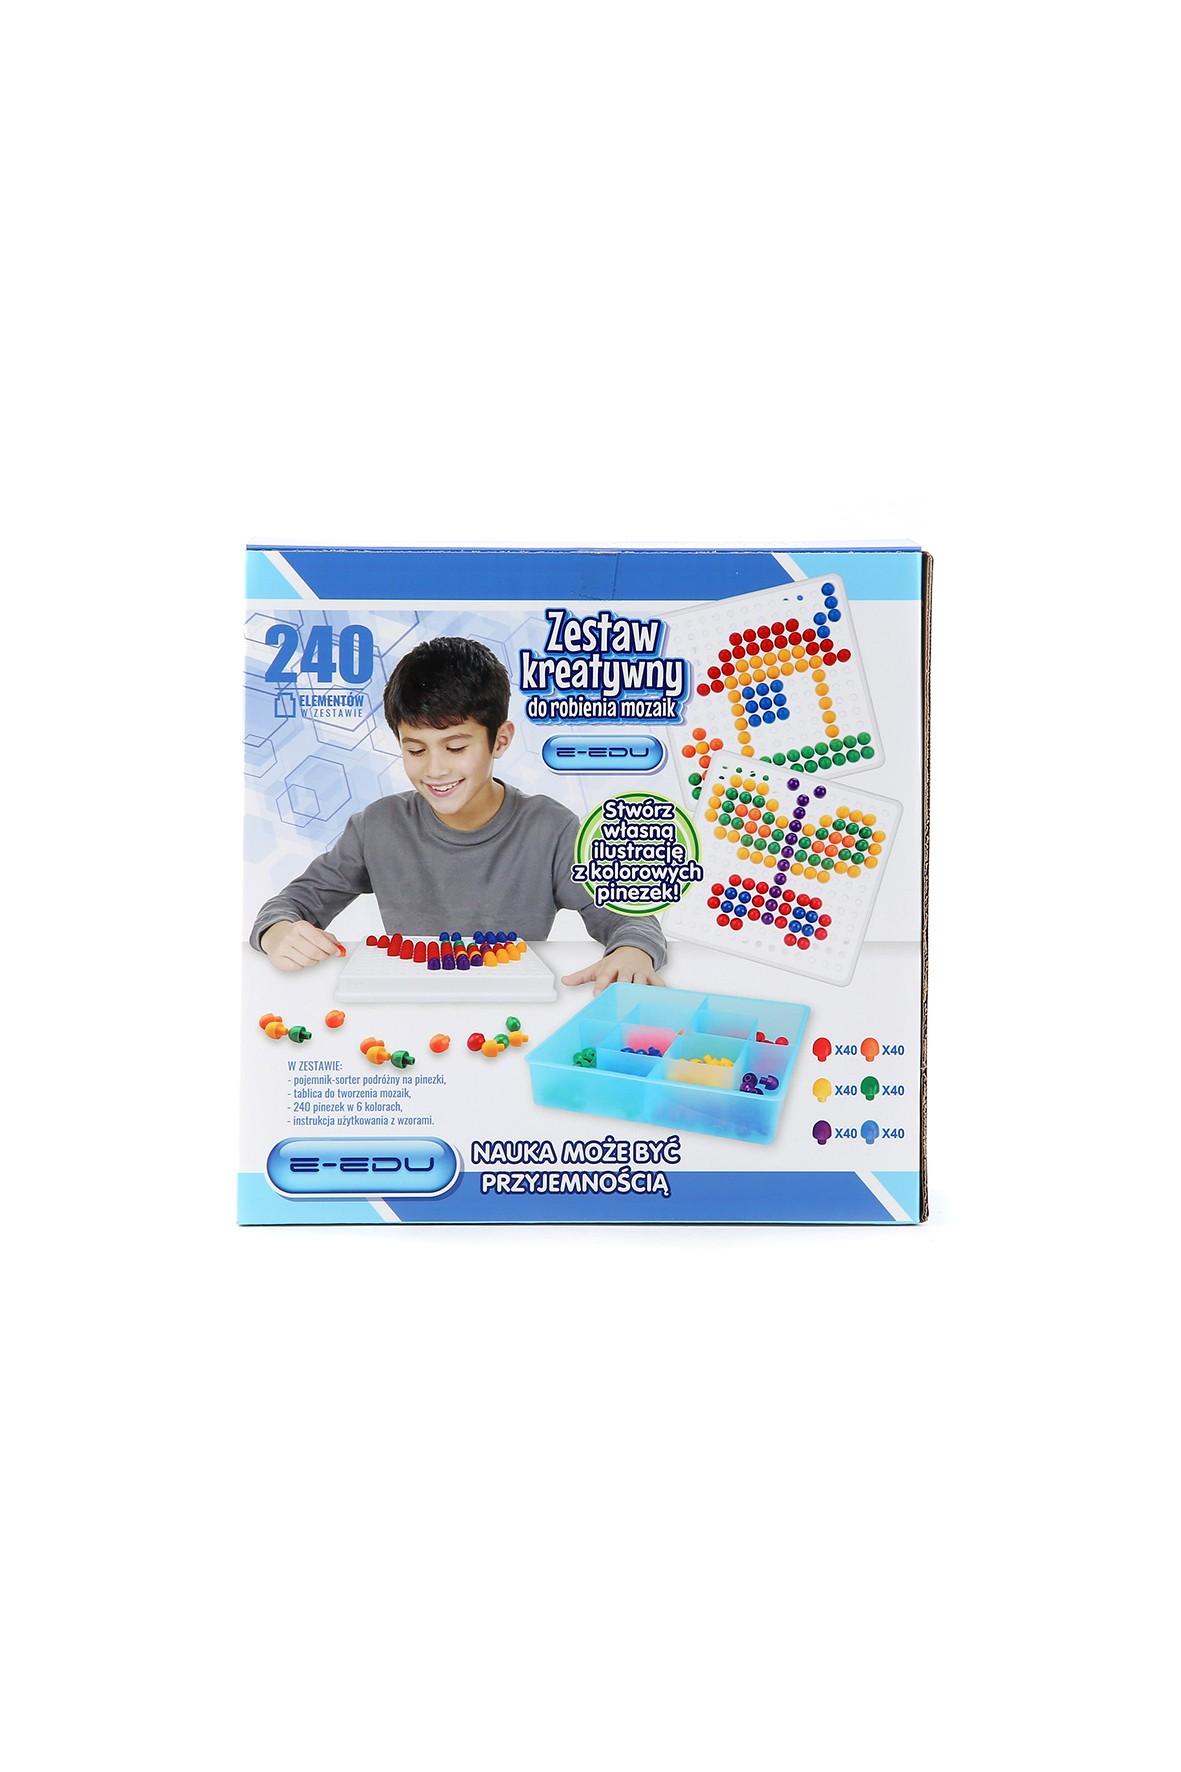 Zestaw kreatywny do robienia mozajek - 240 elementów wiek 3+